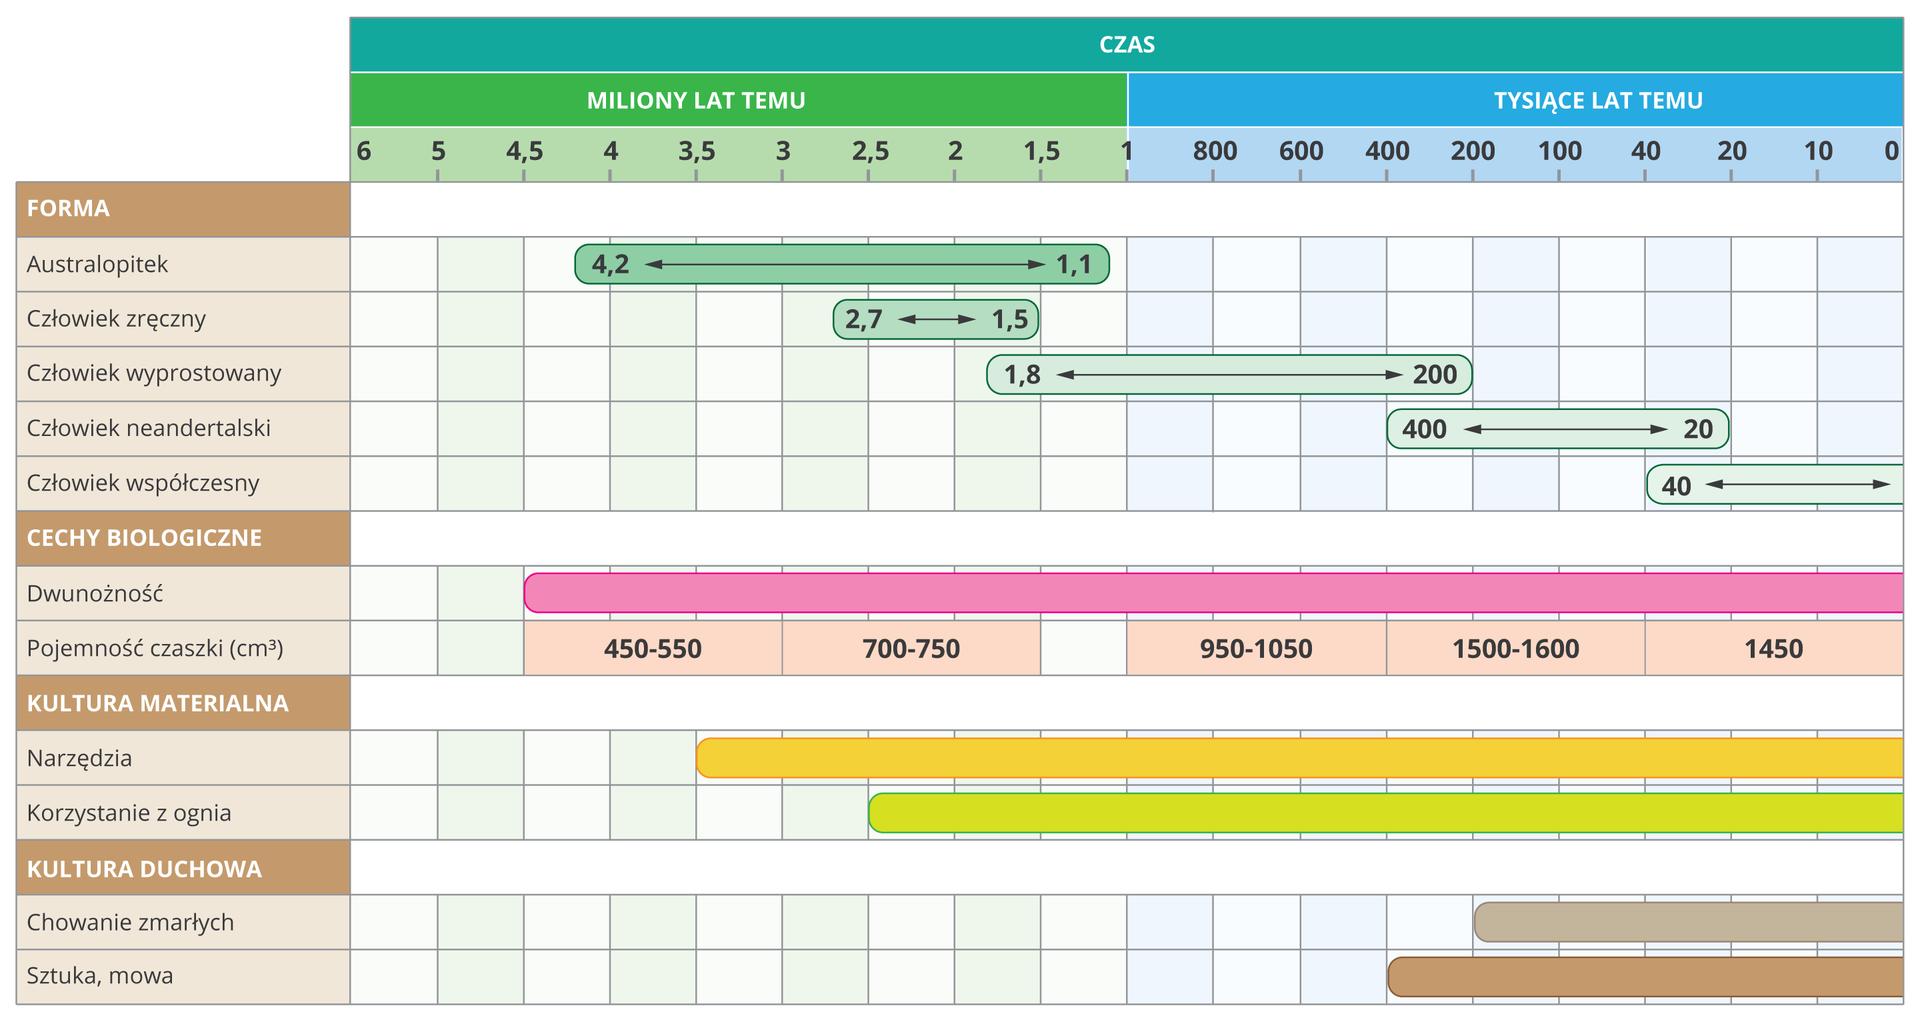 Schemat wformie tabeli ibloków przedstawia porównanie australopiteka iwybranych gatunków człowieka. Ugóry tabeli znajduje się turkusowa linia czasu. Część zielona zlewej to skala milionów, aniebieska zprawej tysięcy lat wstecz. Wkolumnie zlewej opisano: formy ludzkie, cechy biologiczne, kulturę materialną ikulturę duchową. Wpierwszym wierszu blok zielony wskazuje czas występowania australopiteka: od 4,2 do 1,1 miliona lat temu. Człowiek zręczny żył od 2,7 do 1,5 miliona lat wstecz. Człowiek wyprostowany żył od 1,8 miliona do 400 tysięcy lat temu. Człowiek neandertalski od 400 do 20 tysięcy lat temu. Człowiek współczesny od 30 tysięcy lat wstecz do teraz. Dwunożność pojawiła się 4,5 miliona lat temu. Pojemność czaszki zwiększała się wtym czasie od 450 do 1450cm sześciennych. Narzędzia zaczęły być używane 3,5 miliona lat temu, aognia ludzie używali od 2,5 miliona lat wstecz. Sztuka imowa pojawiły się 400 tysięcy lat temu, azwyczaj chowania zmarłych 200 tysięcy lat temu.